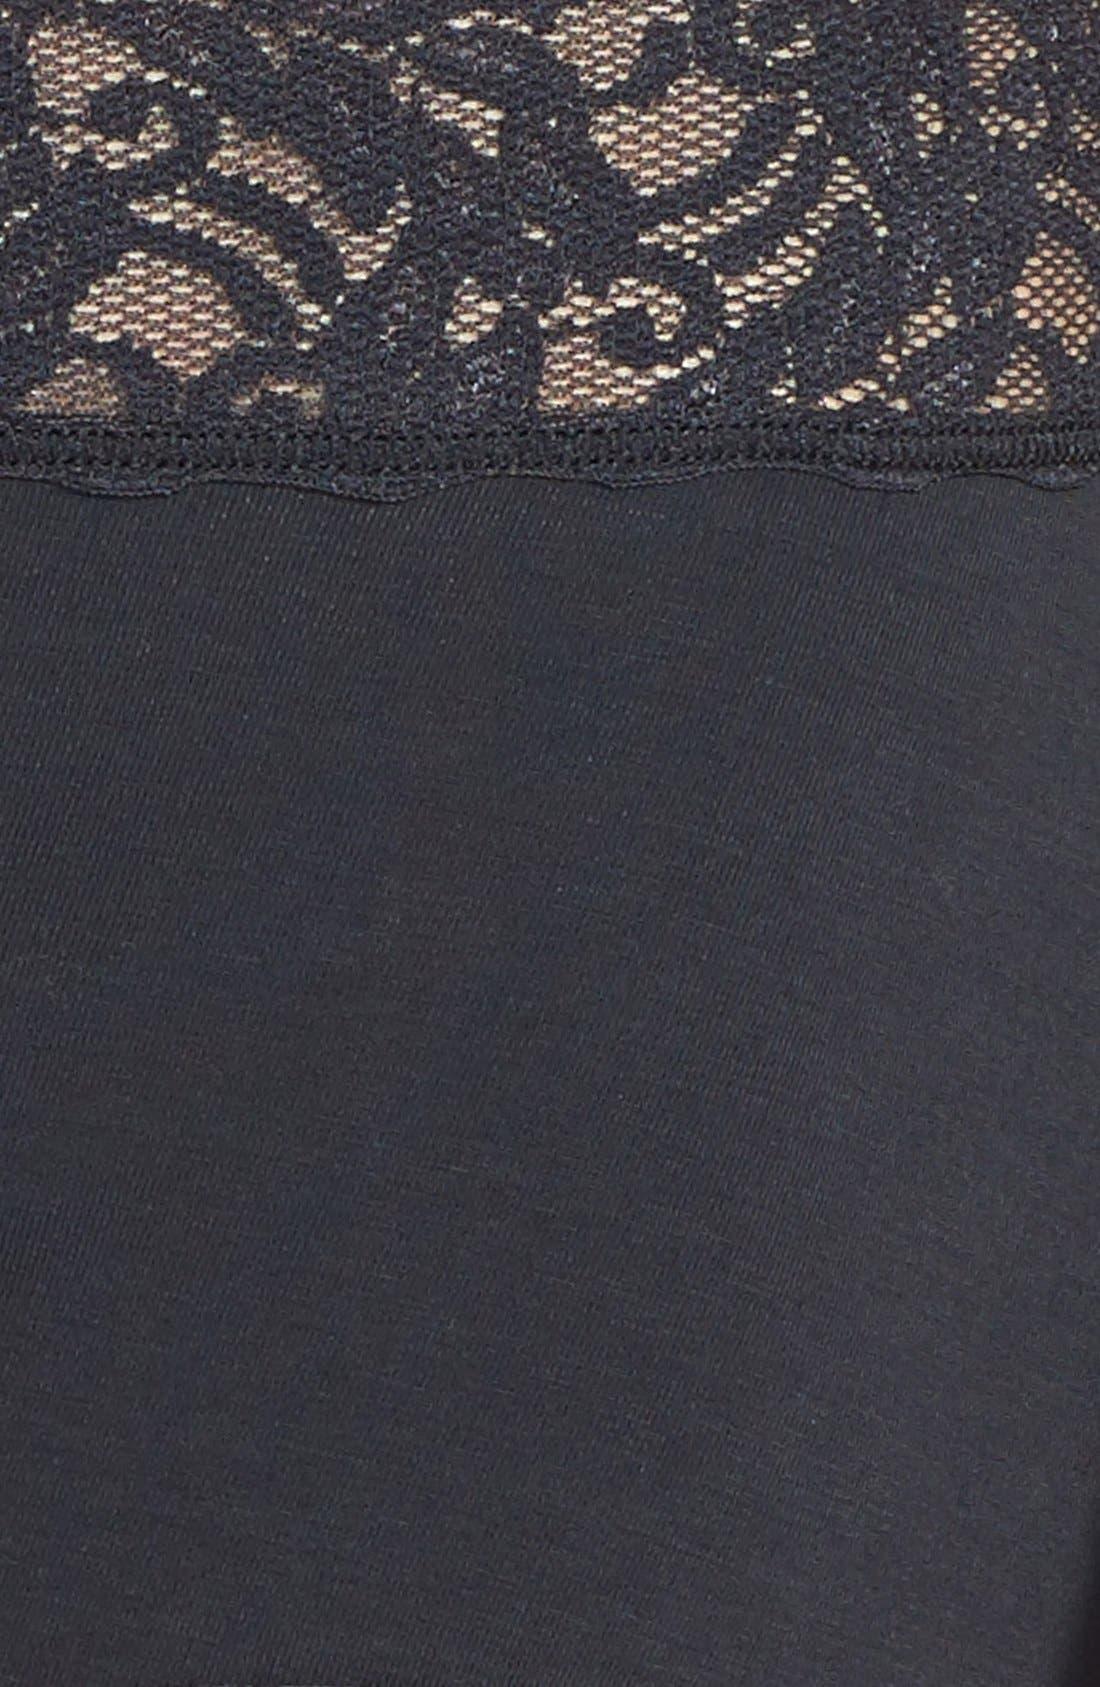 WACOAL, 'Cotton Suede' Lace Trim Briefs, Alternate thumbnail 3, color, BLACK